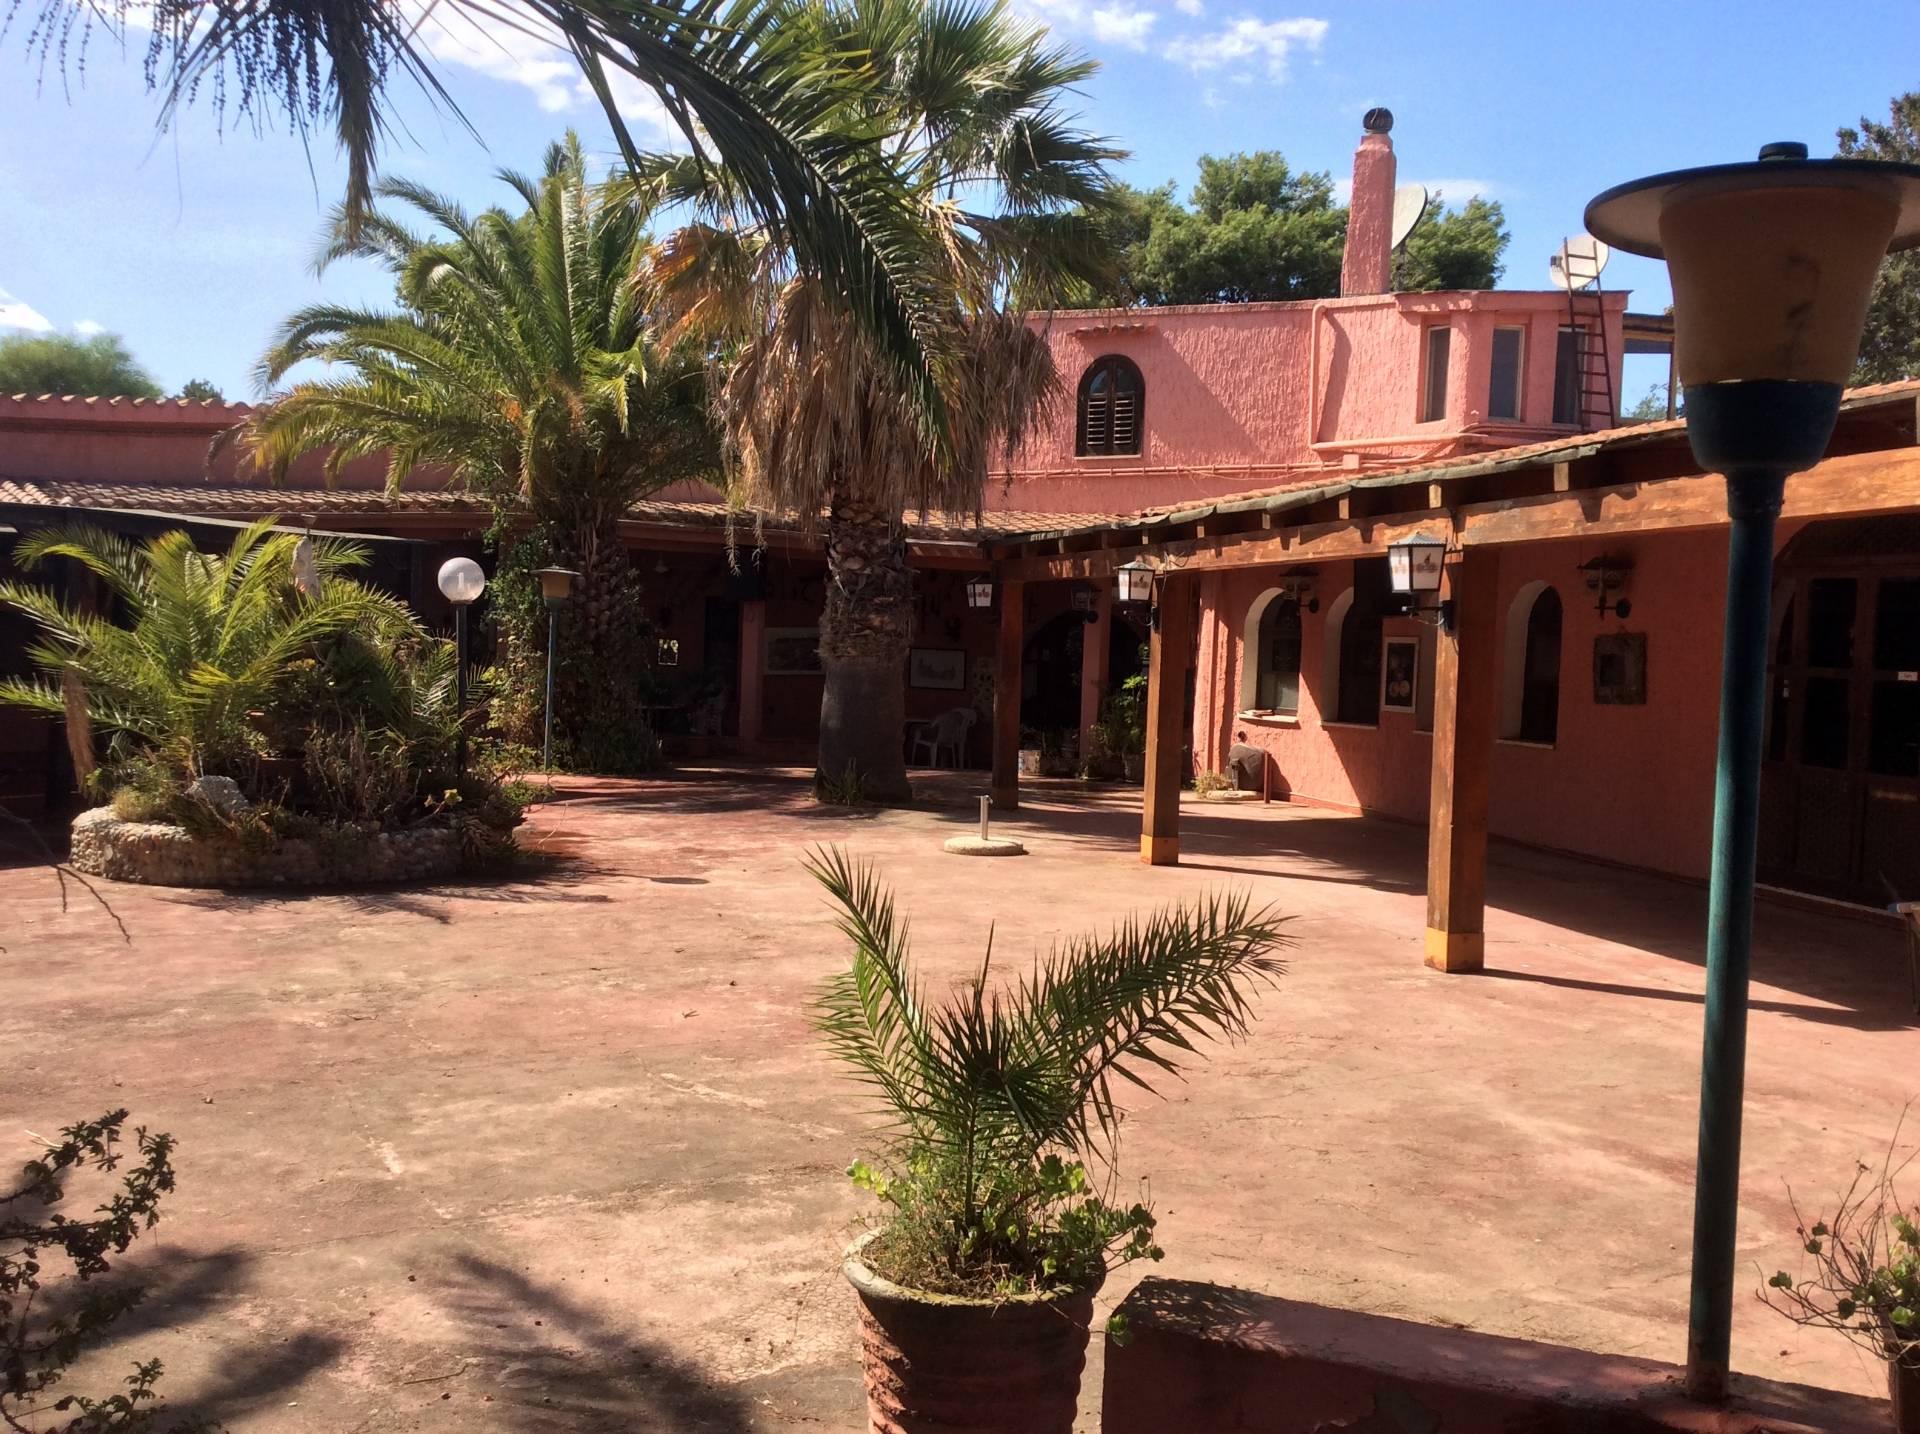 Negozio / Locale in vendita a Quartu Sant'Elena, 9999 locali, prezzo € 1.050.000 | Cambio Casa.it